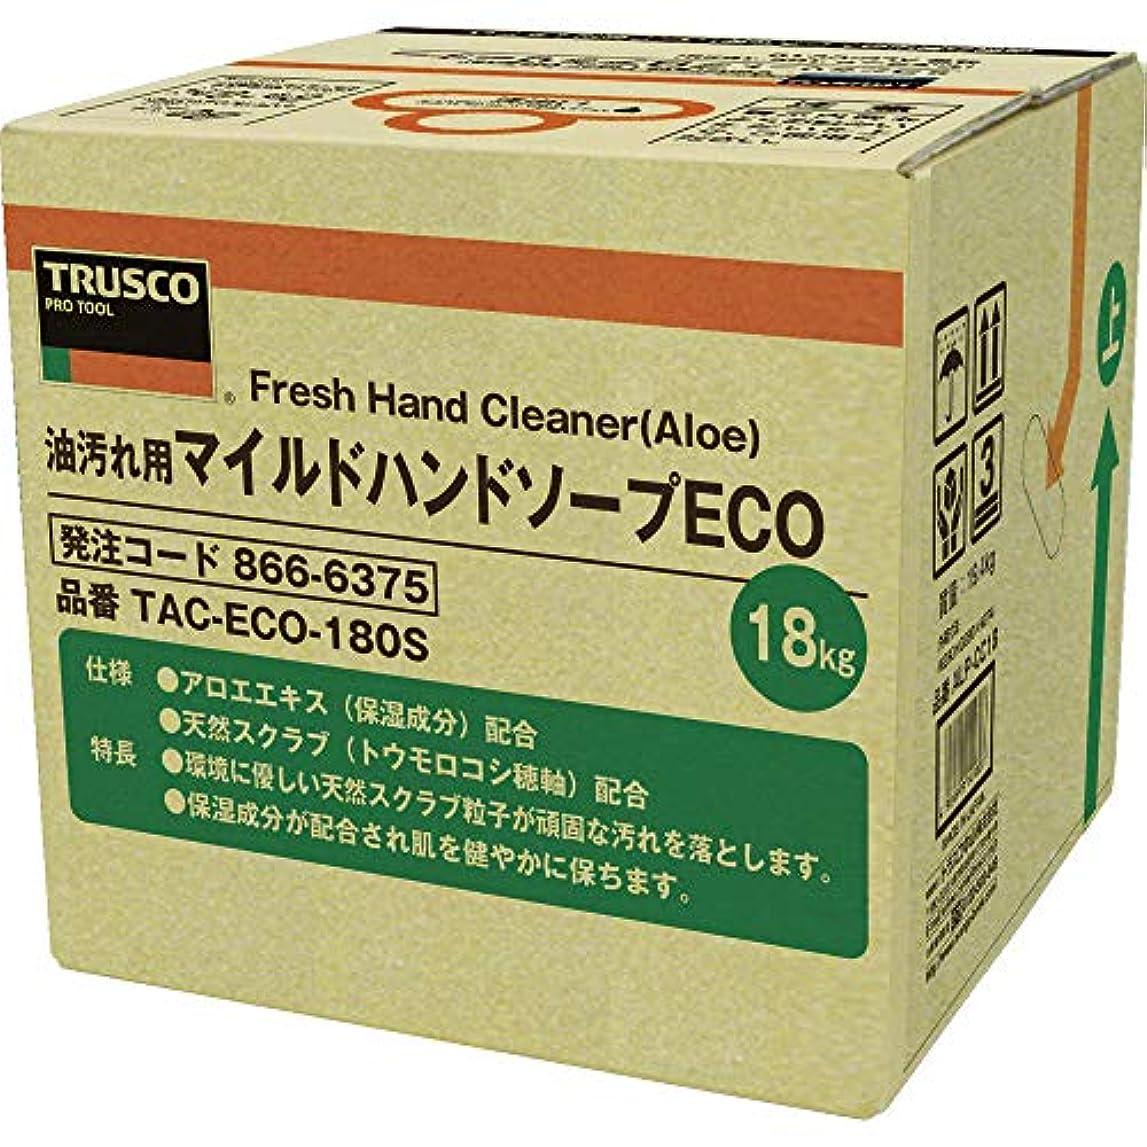 一般的なドックオゾンTRUSCO(トラスコ) マイルドハンドソープ ECO 18L 詰替 バッグインボックス TACECO180S